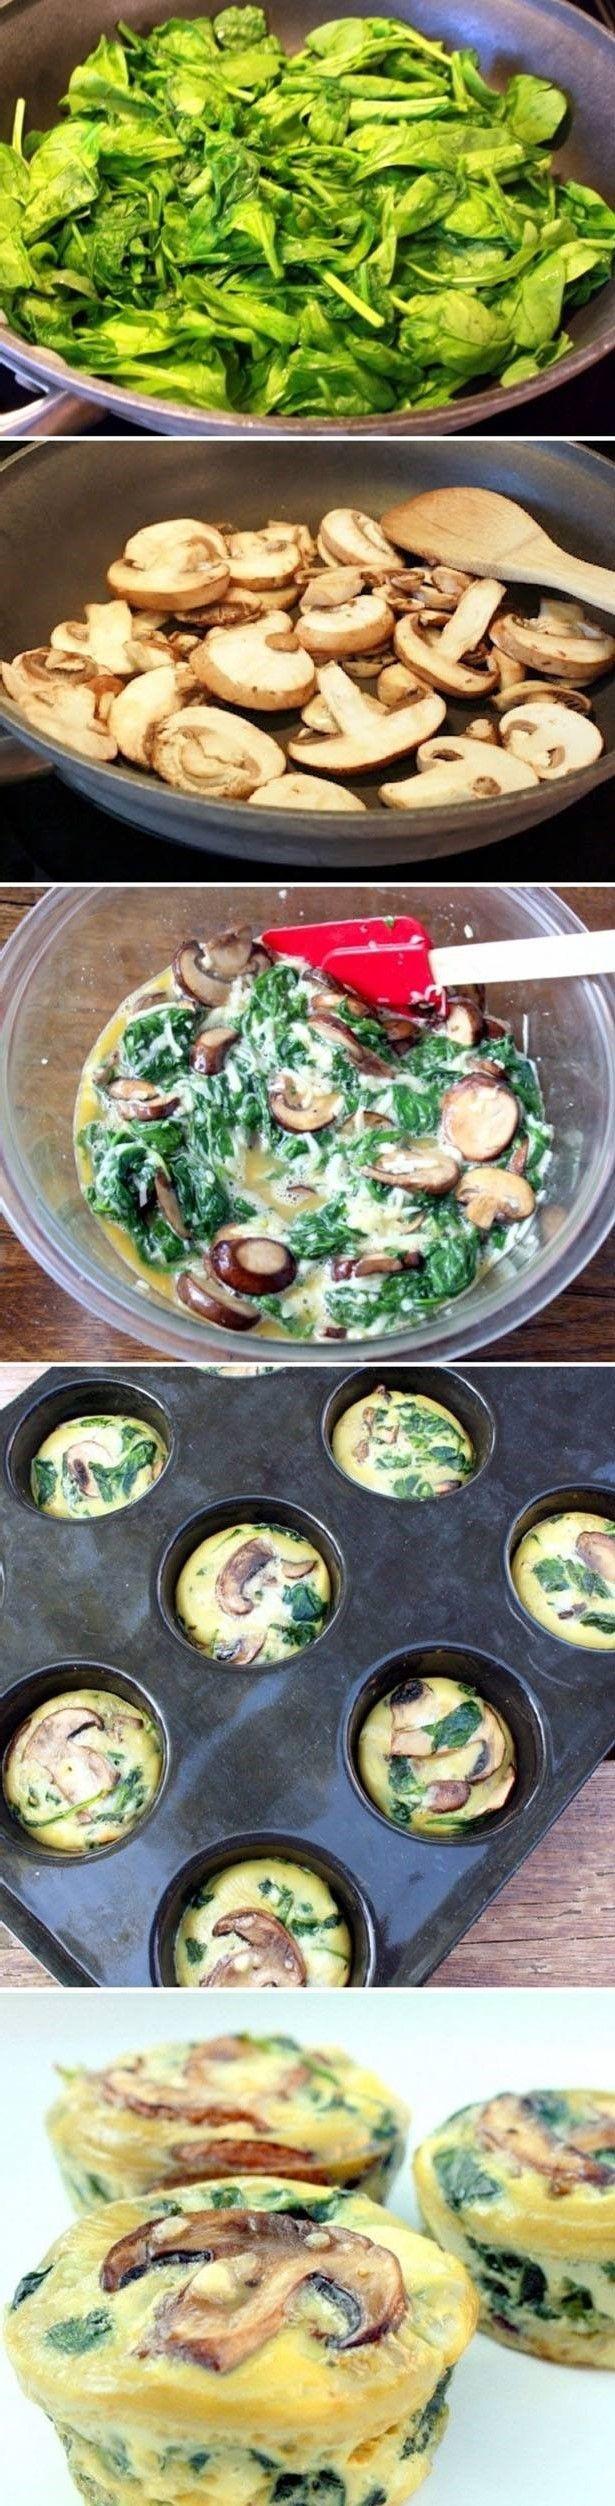 MUFFINS DE ESPINACAS: Simplemente precocinar las setas o champiñones y luego combinar con espinacas y huevos revueltos. Se puede añadir algo de queso para fundirlo al final. Todo al horno, unos 25 minutos.